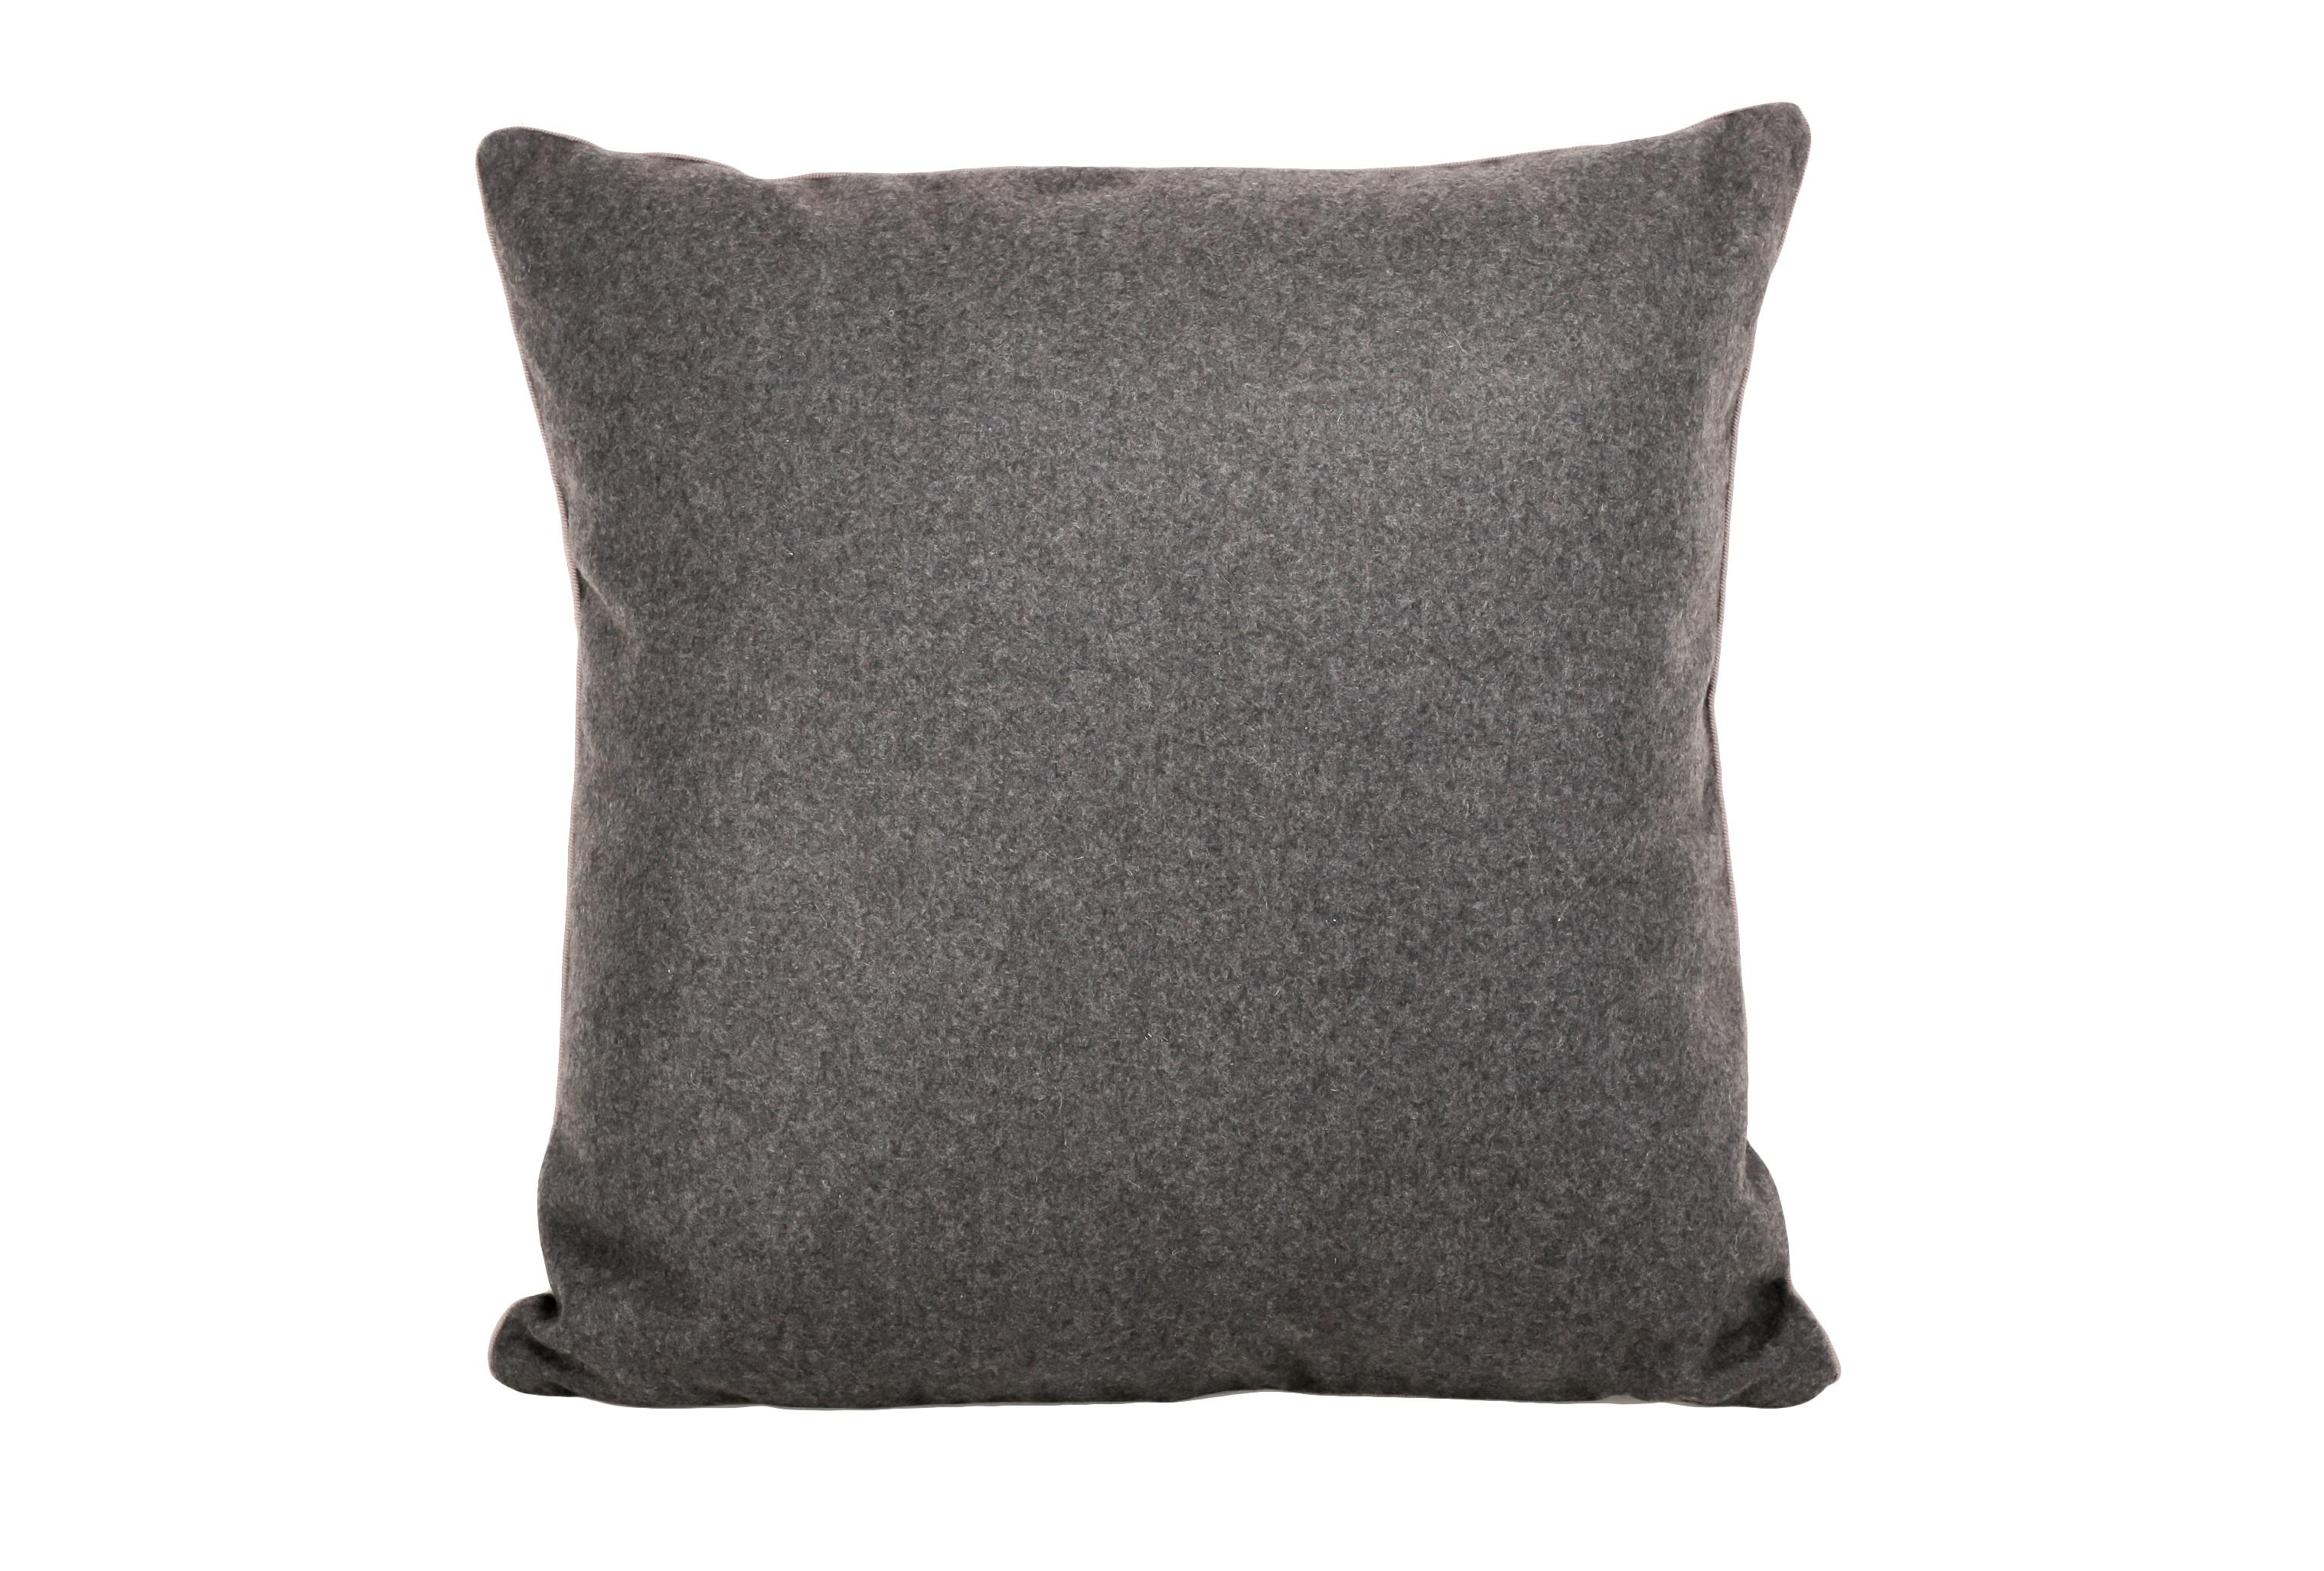 ПодушкаКвадратные подушки<br>Декоративные чехлы для подушек.<br><br>Material: Текстиль<br>Width см: 45<br>Height см: 45